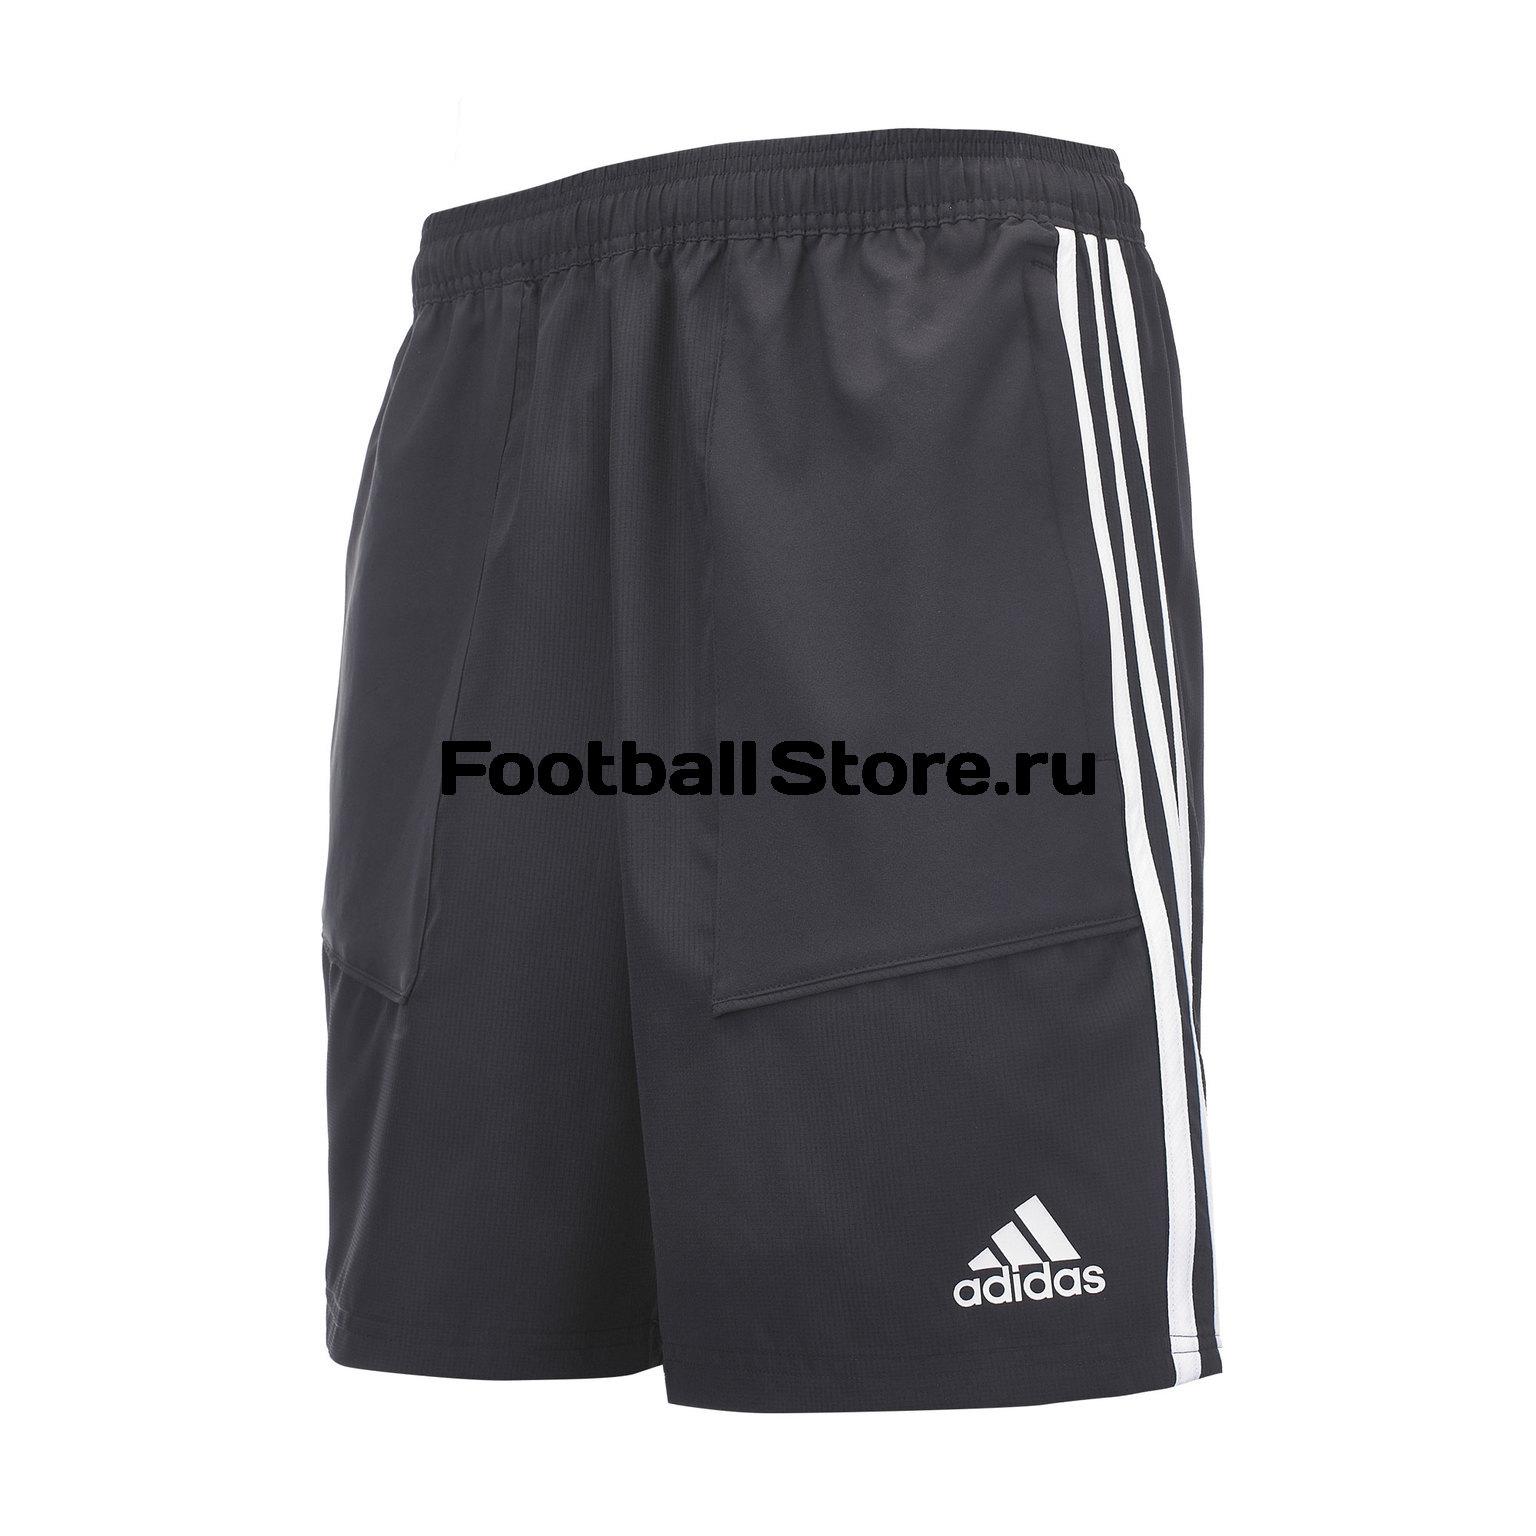 Шорты тренировочные Adidas Tiro19 Wov Sho D95919 шорты для мальчика adidas tiro17 wov shoy цвет черный ay2892 размер 128